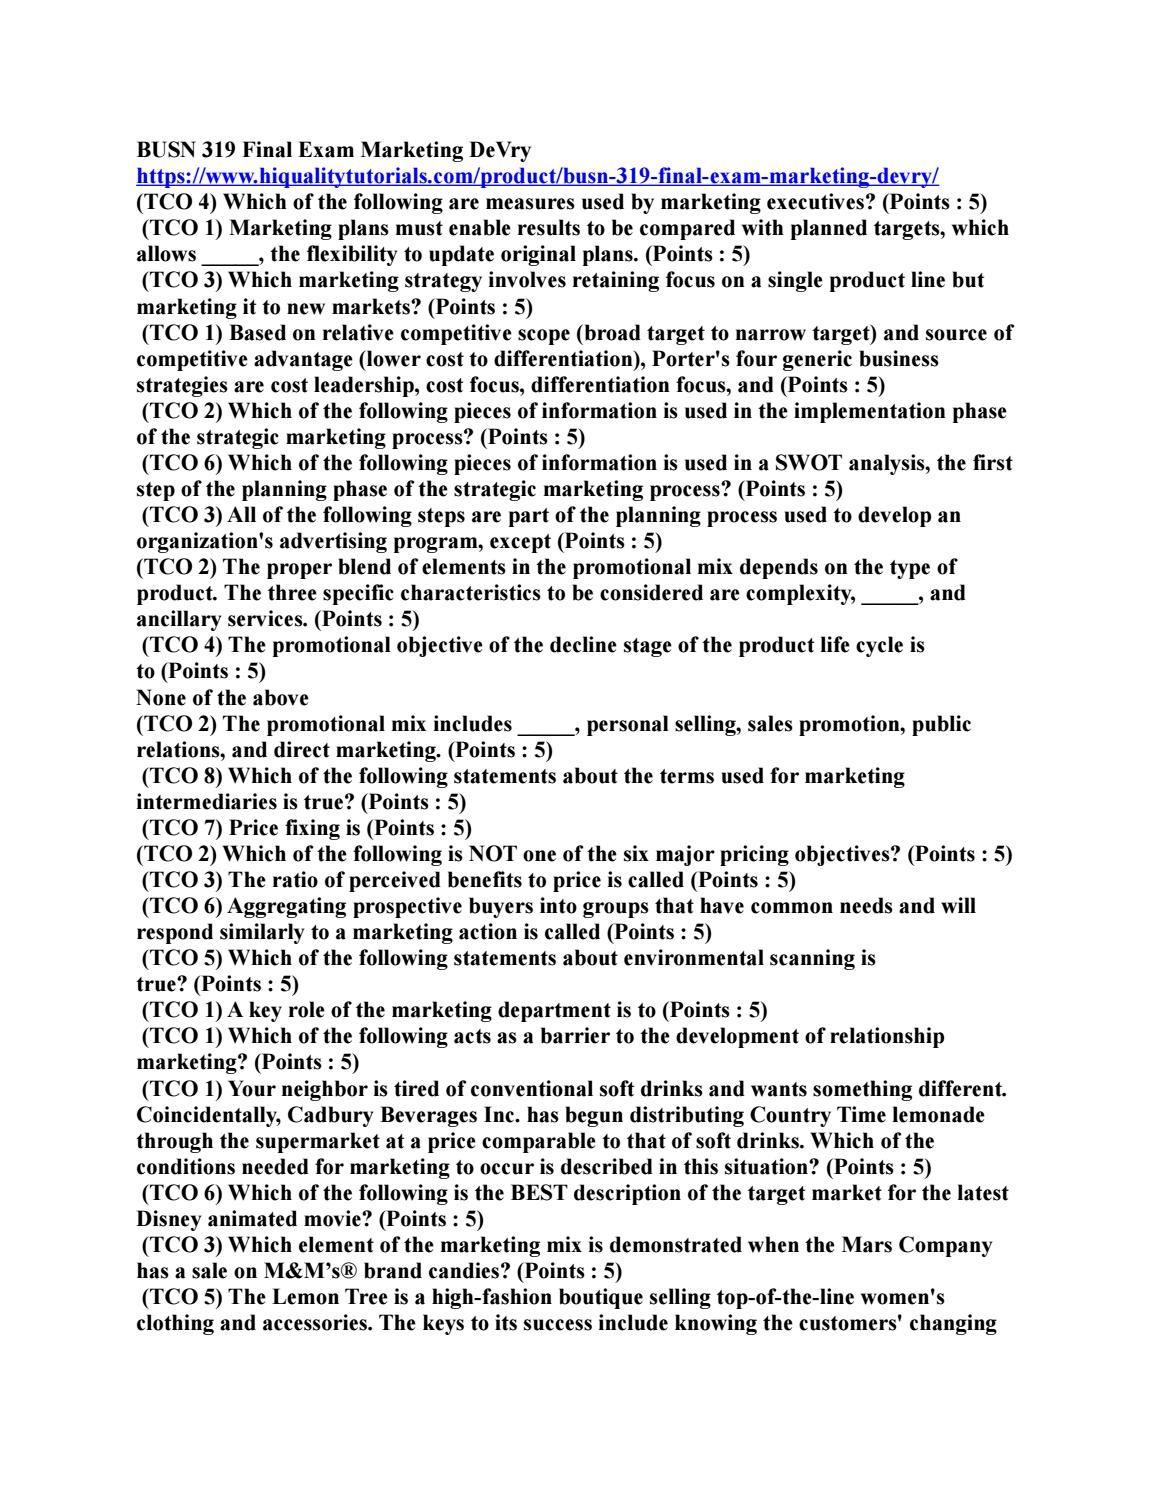 BUSN 319 Final Exam Marketing DeVry | Hiqualitytutorials com